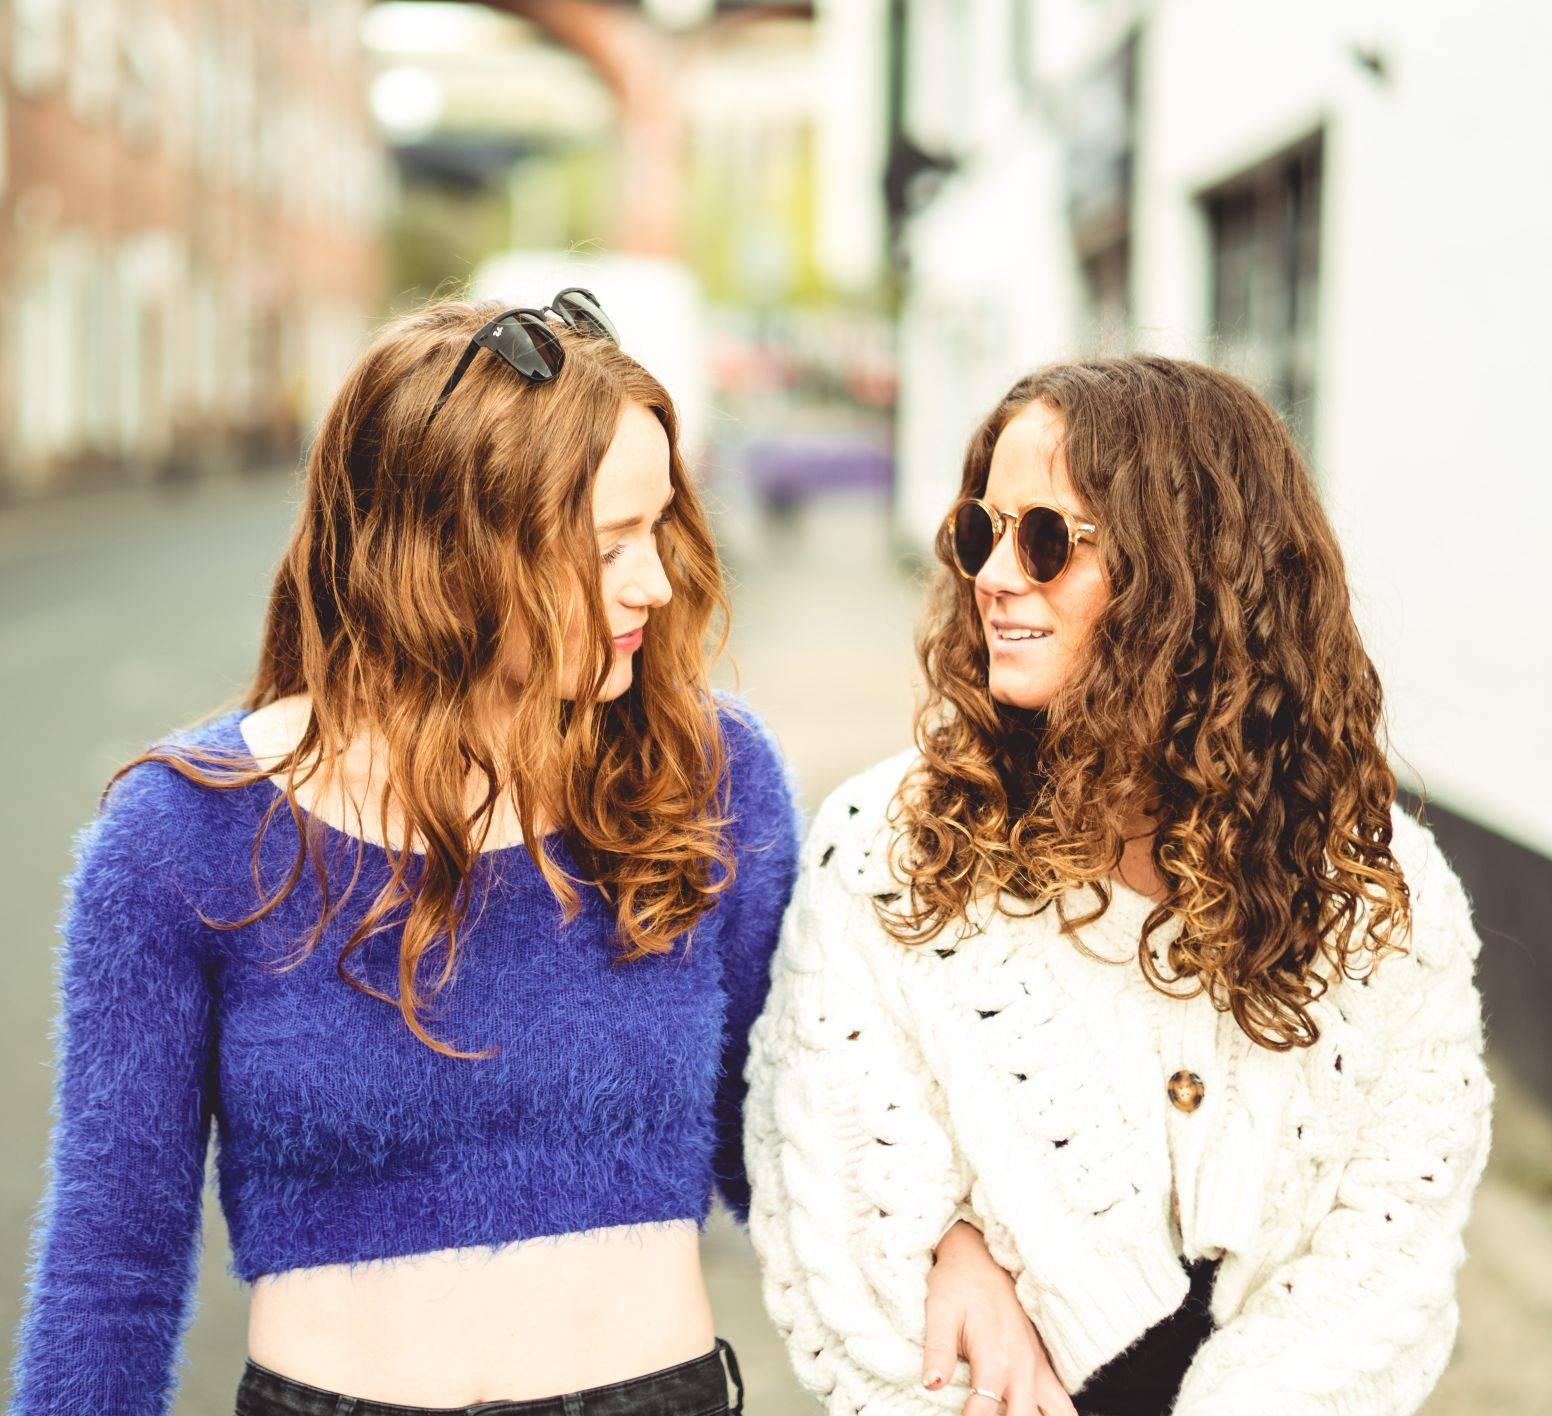 Image of two girls talking